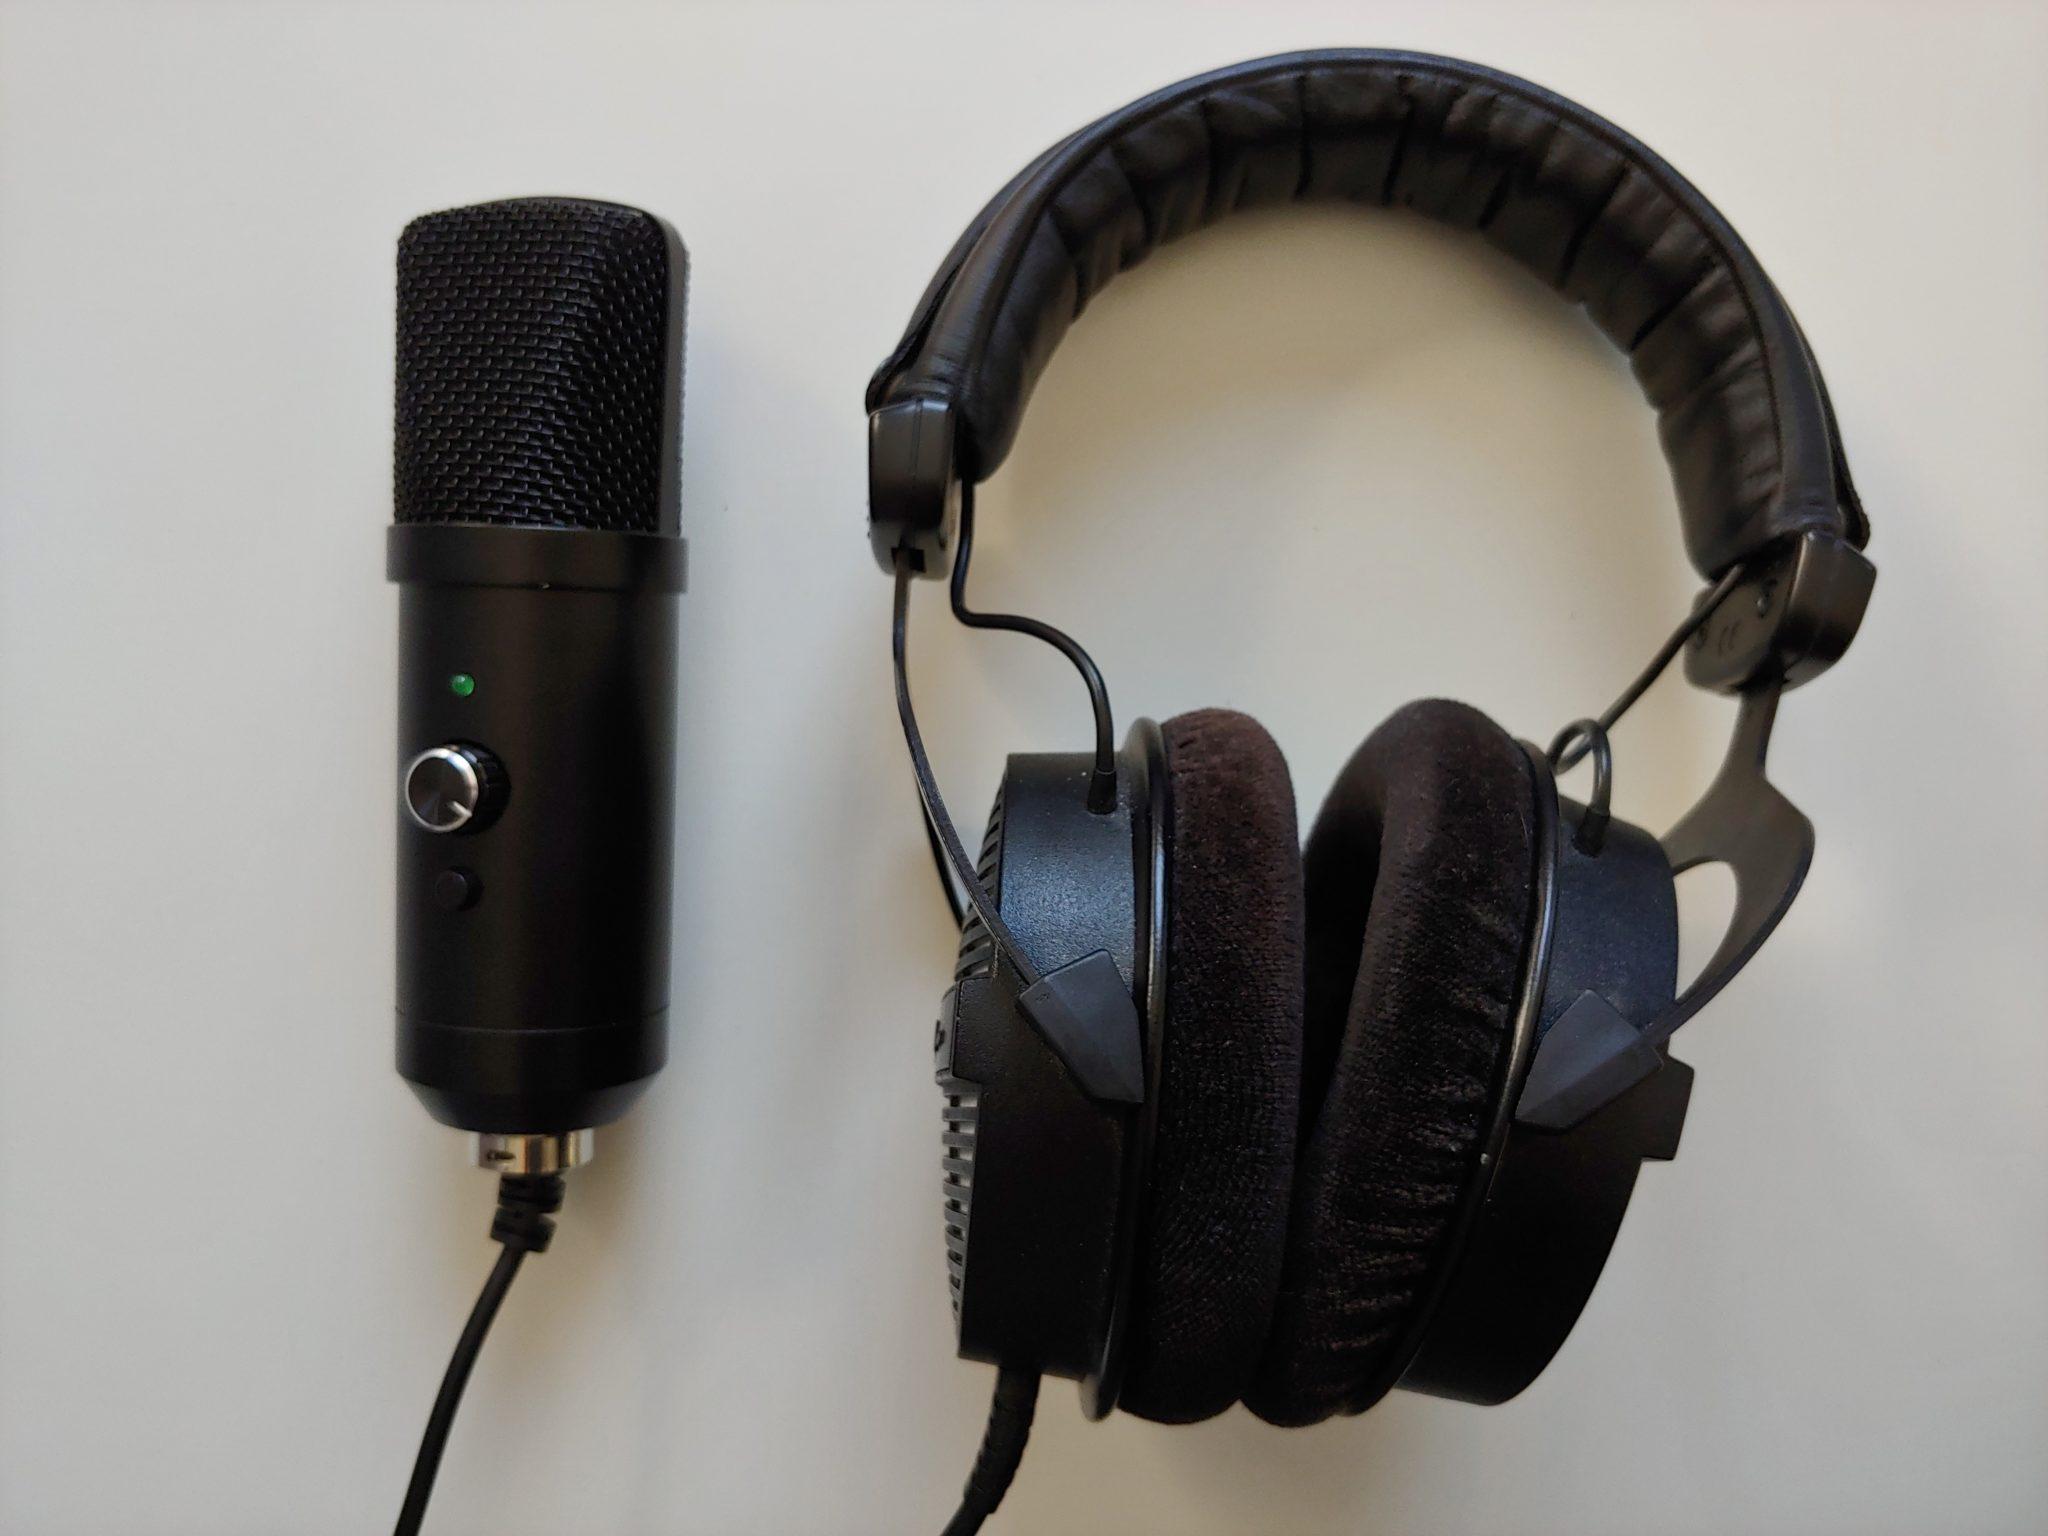 Ein Mikrofon und ein Kopfhörer liegen nebeneinander auf dem Tisch